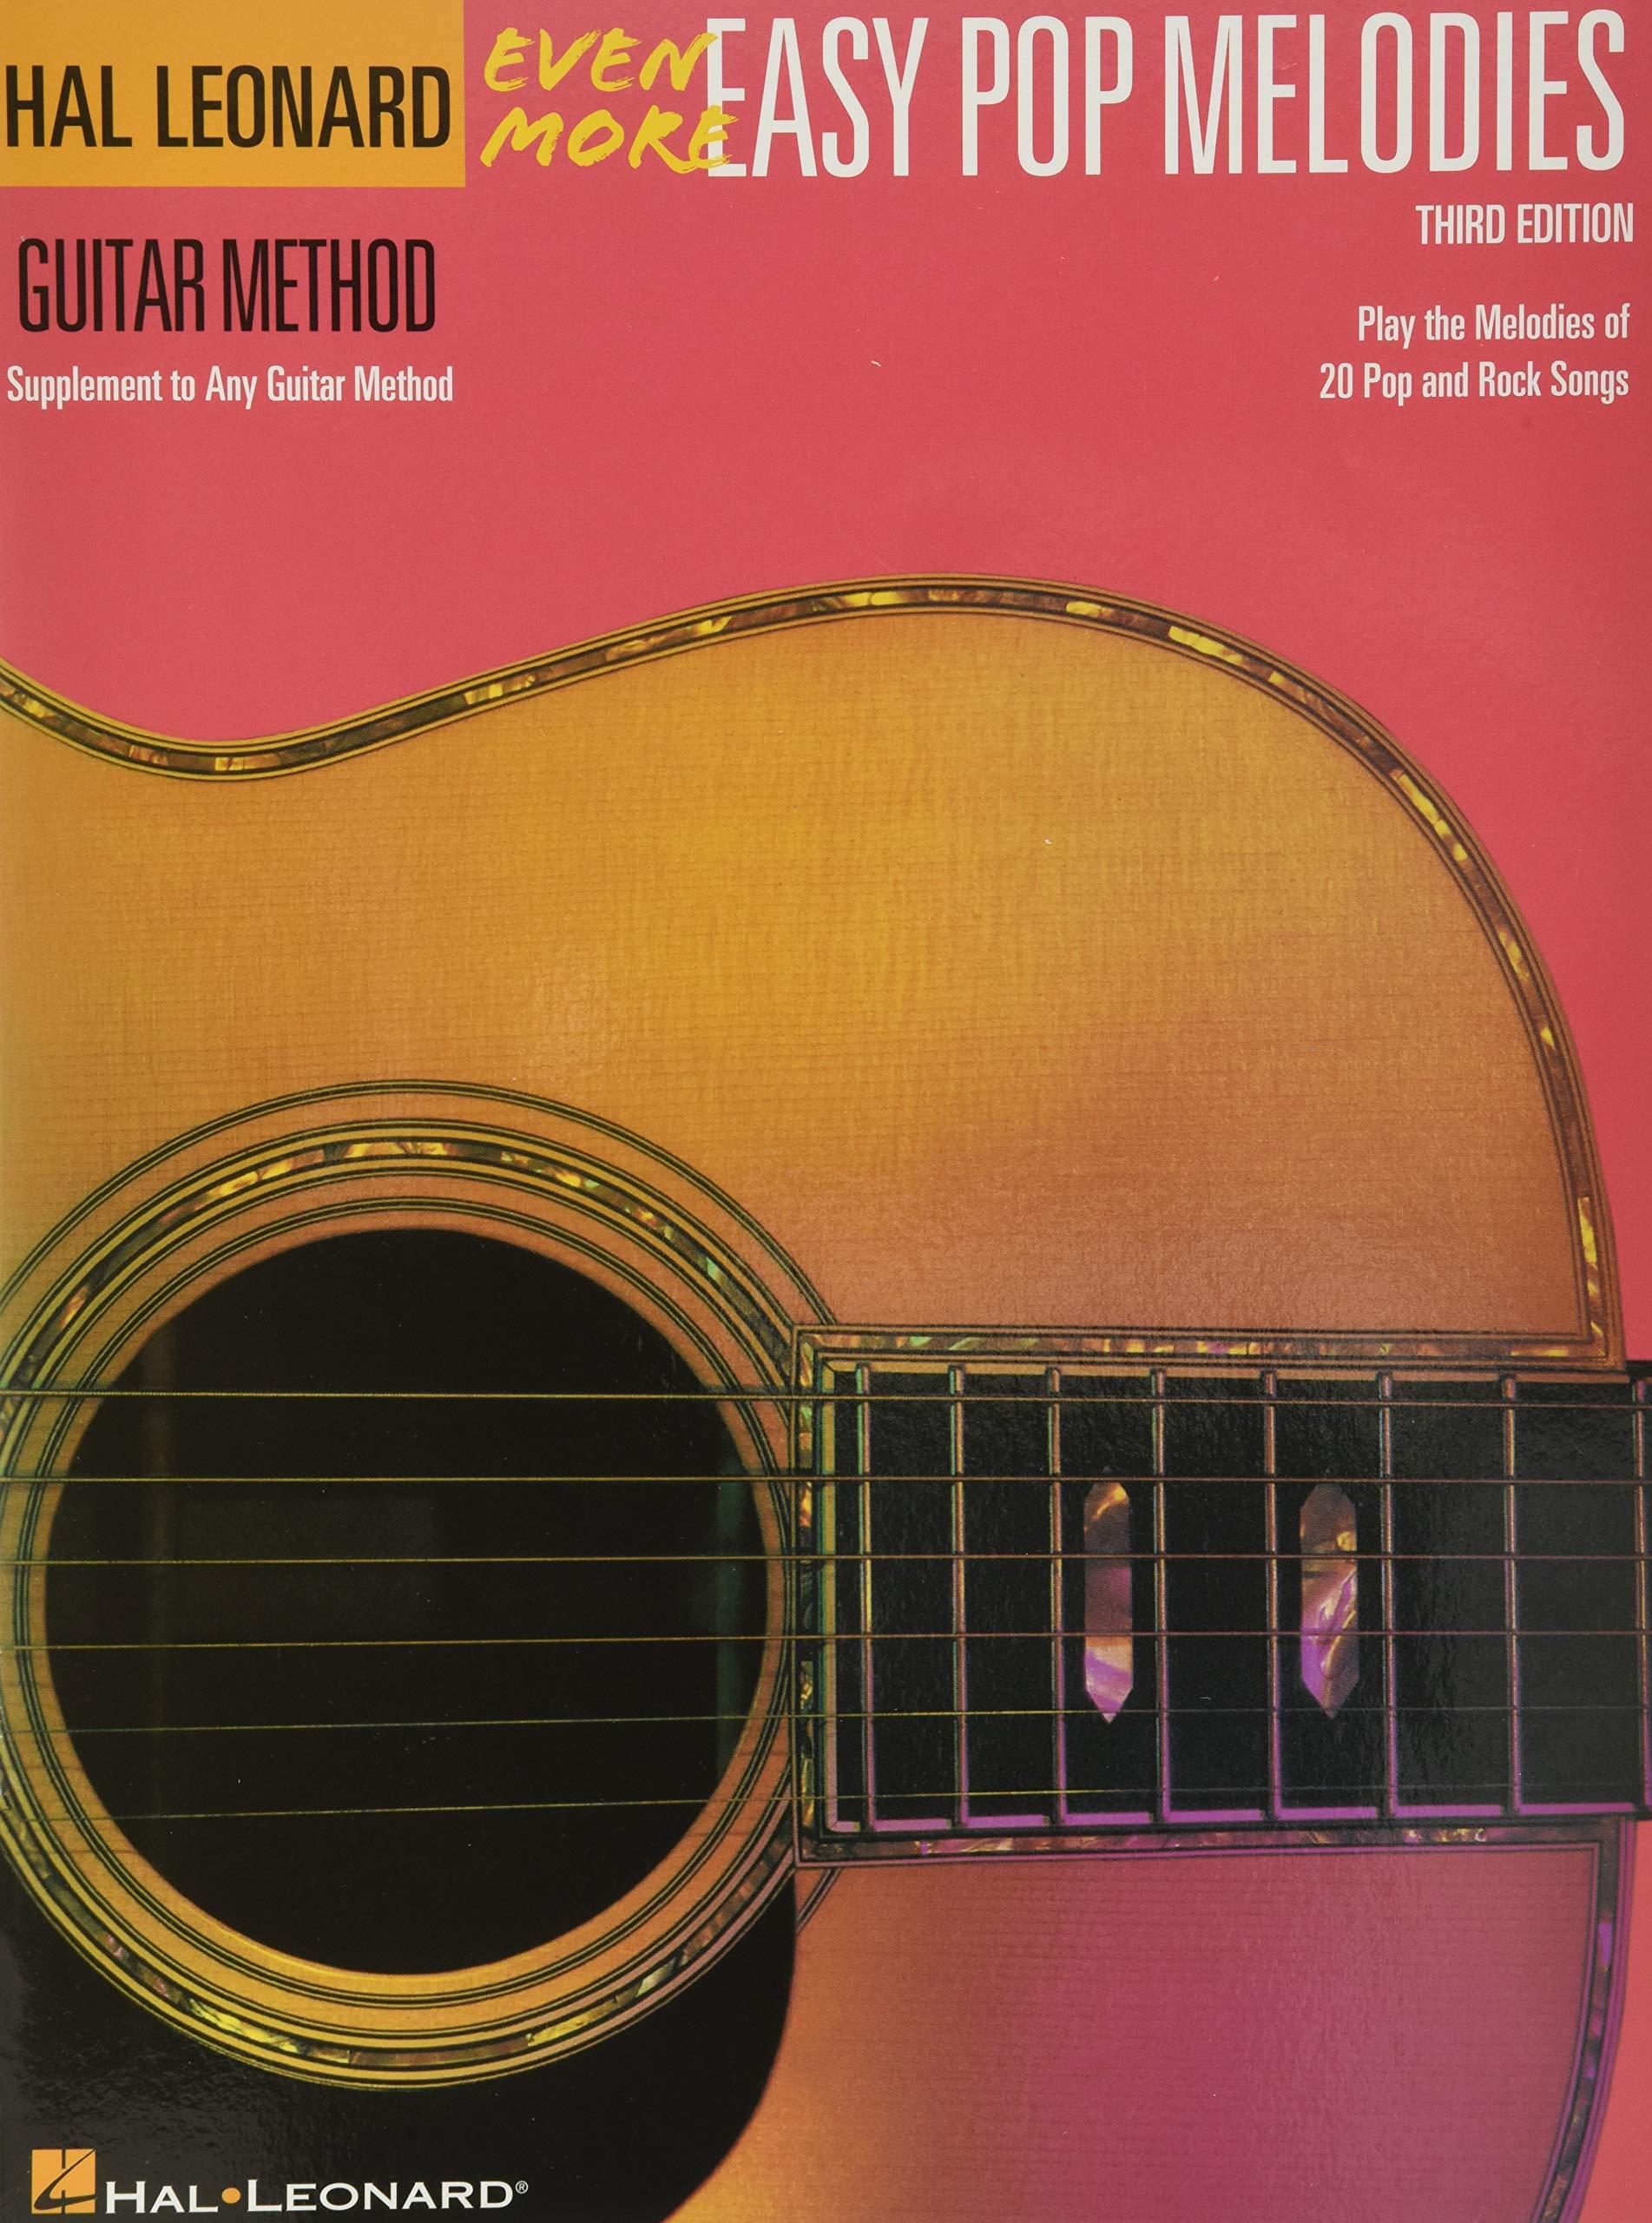 Top 10 Best hal leonard guitar method book 3